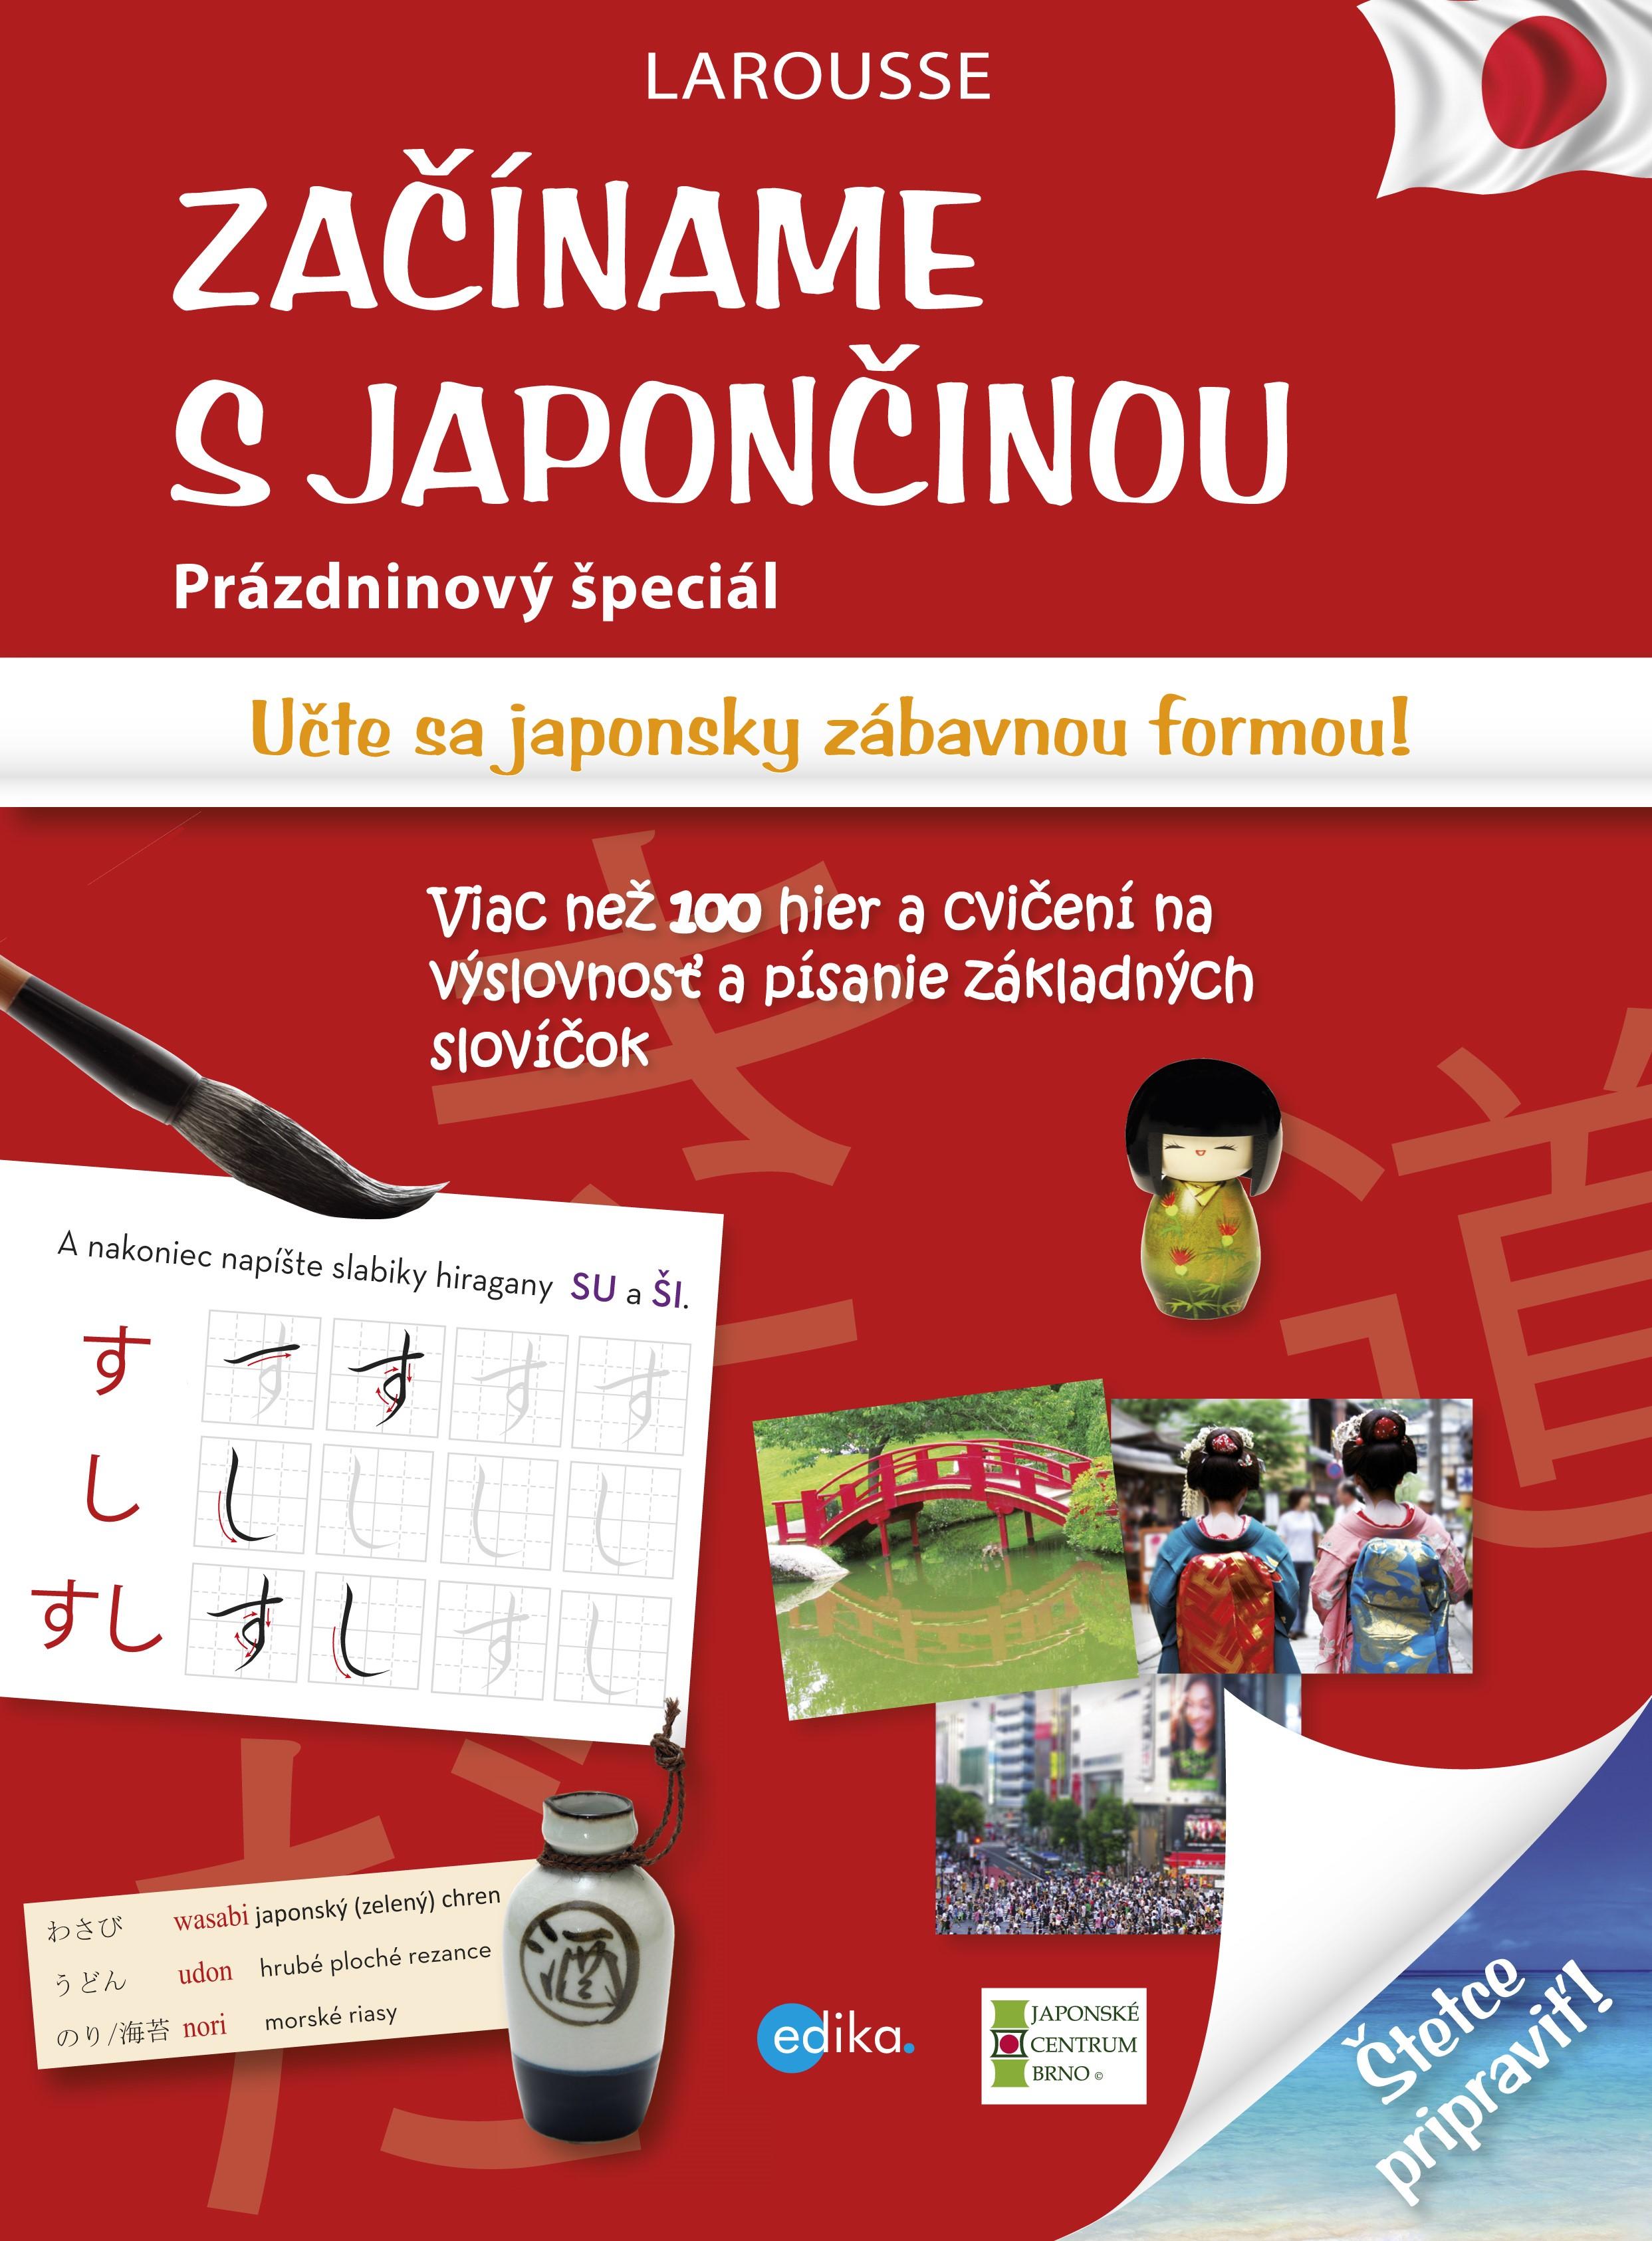 Začíname s japončinou